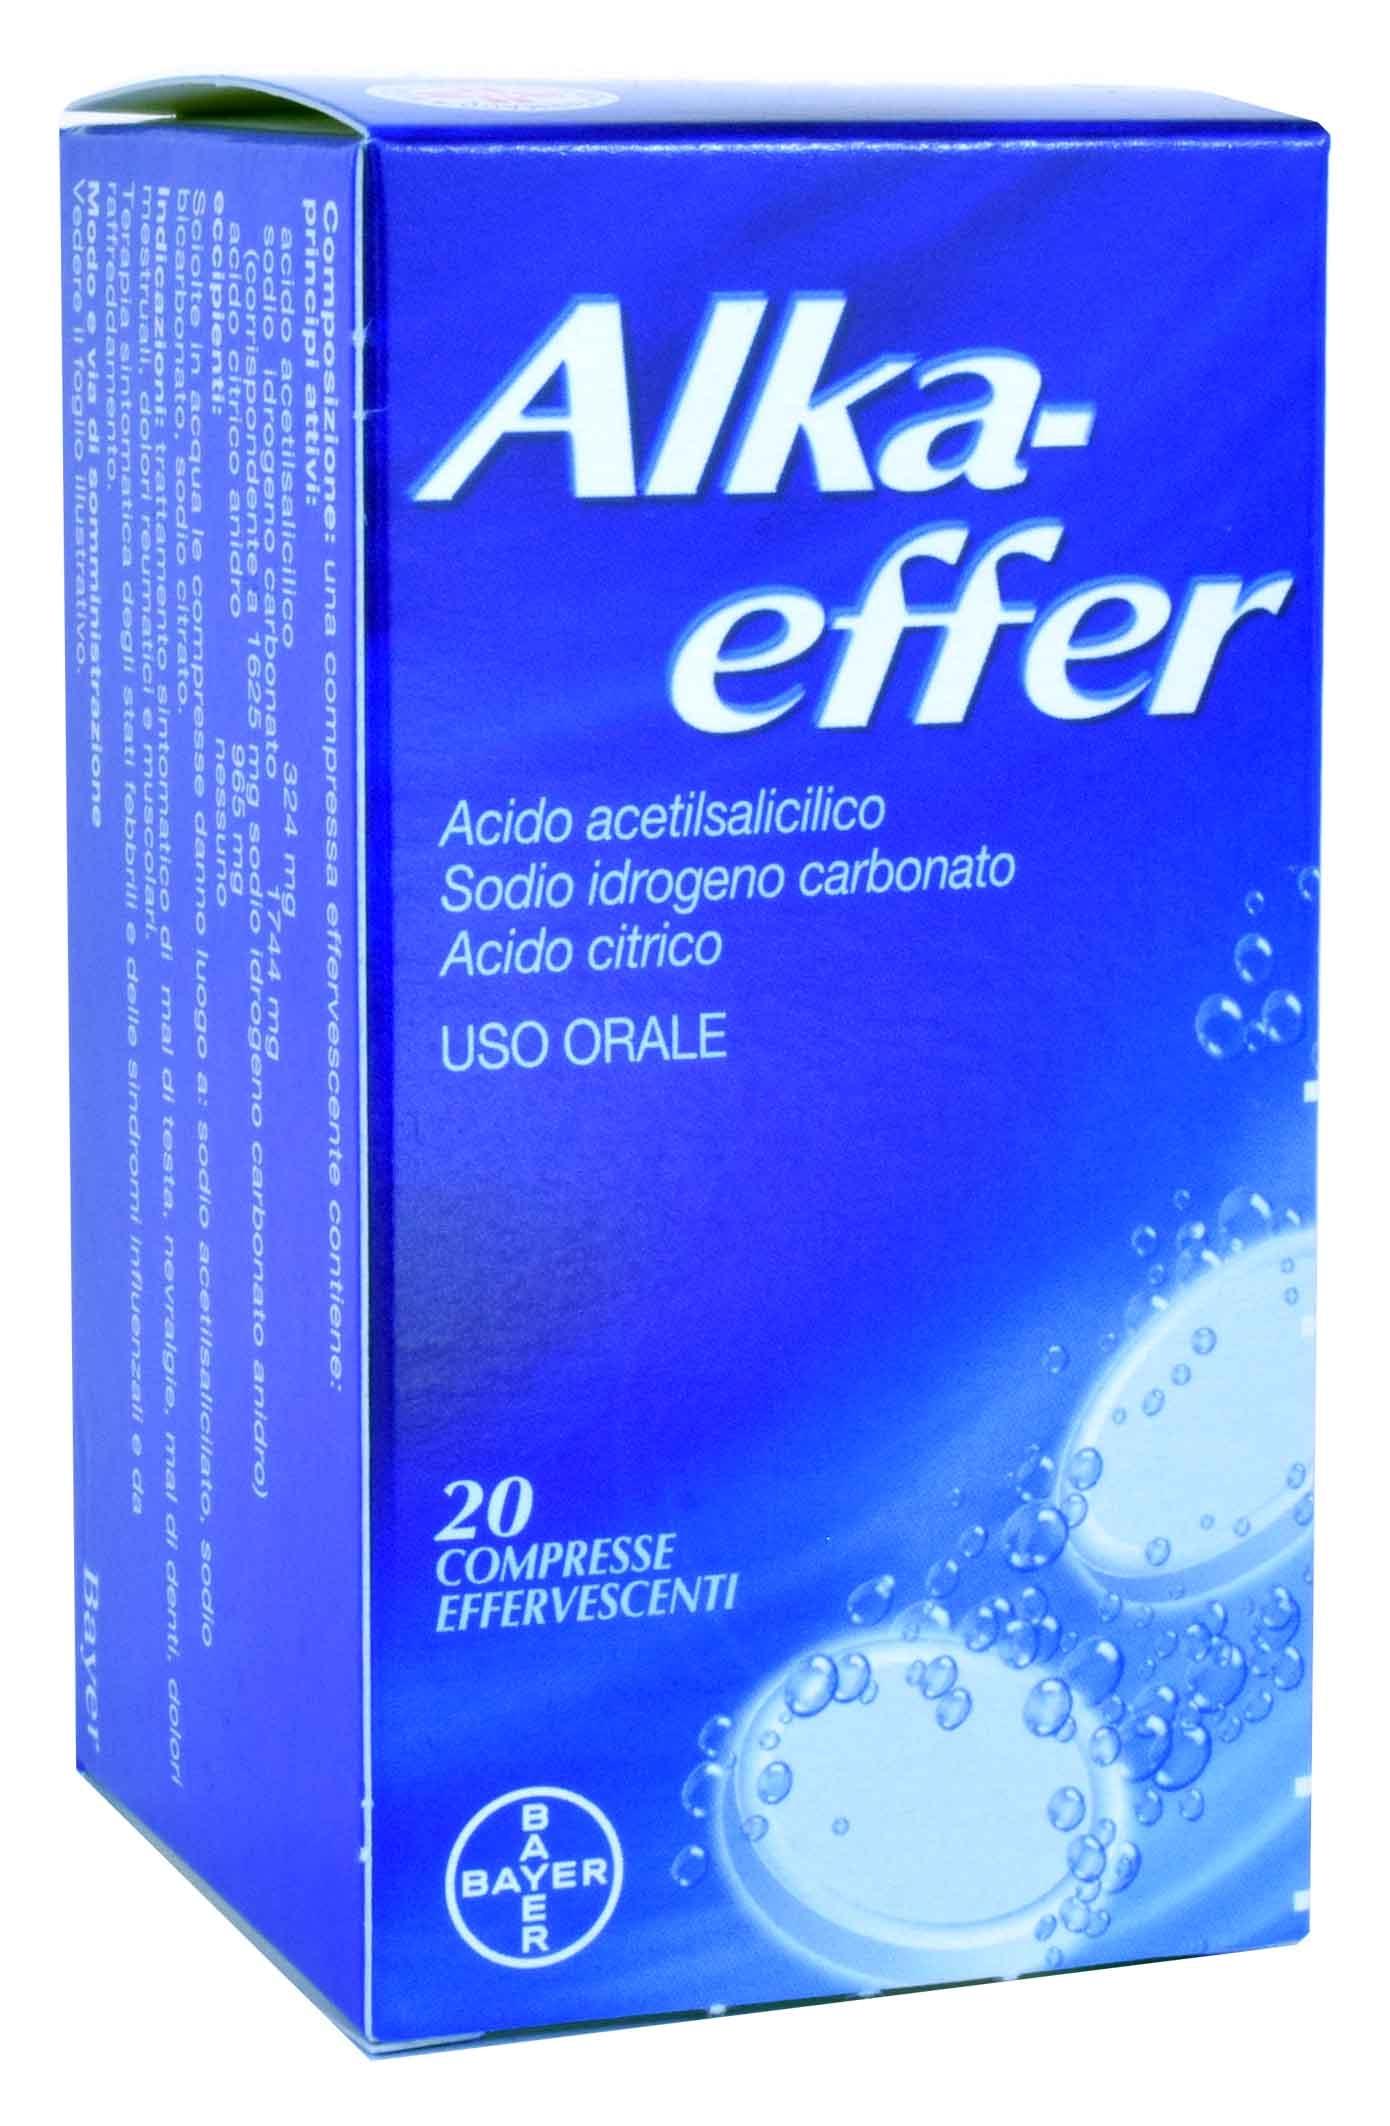 Alkaeffer Compresse Effervescenti Acido Acetilsalicilico 20 Compresse